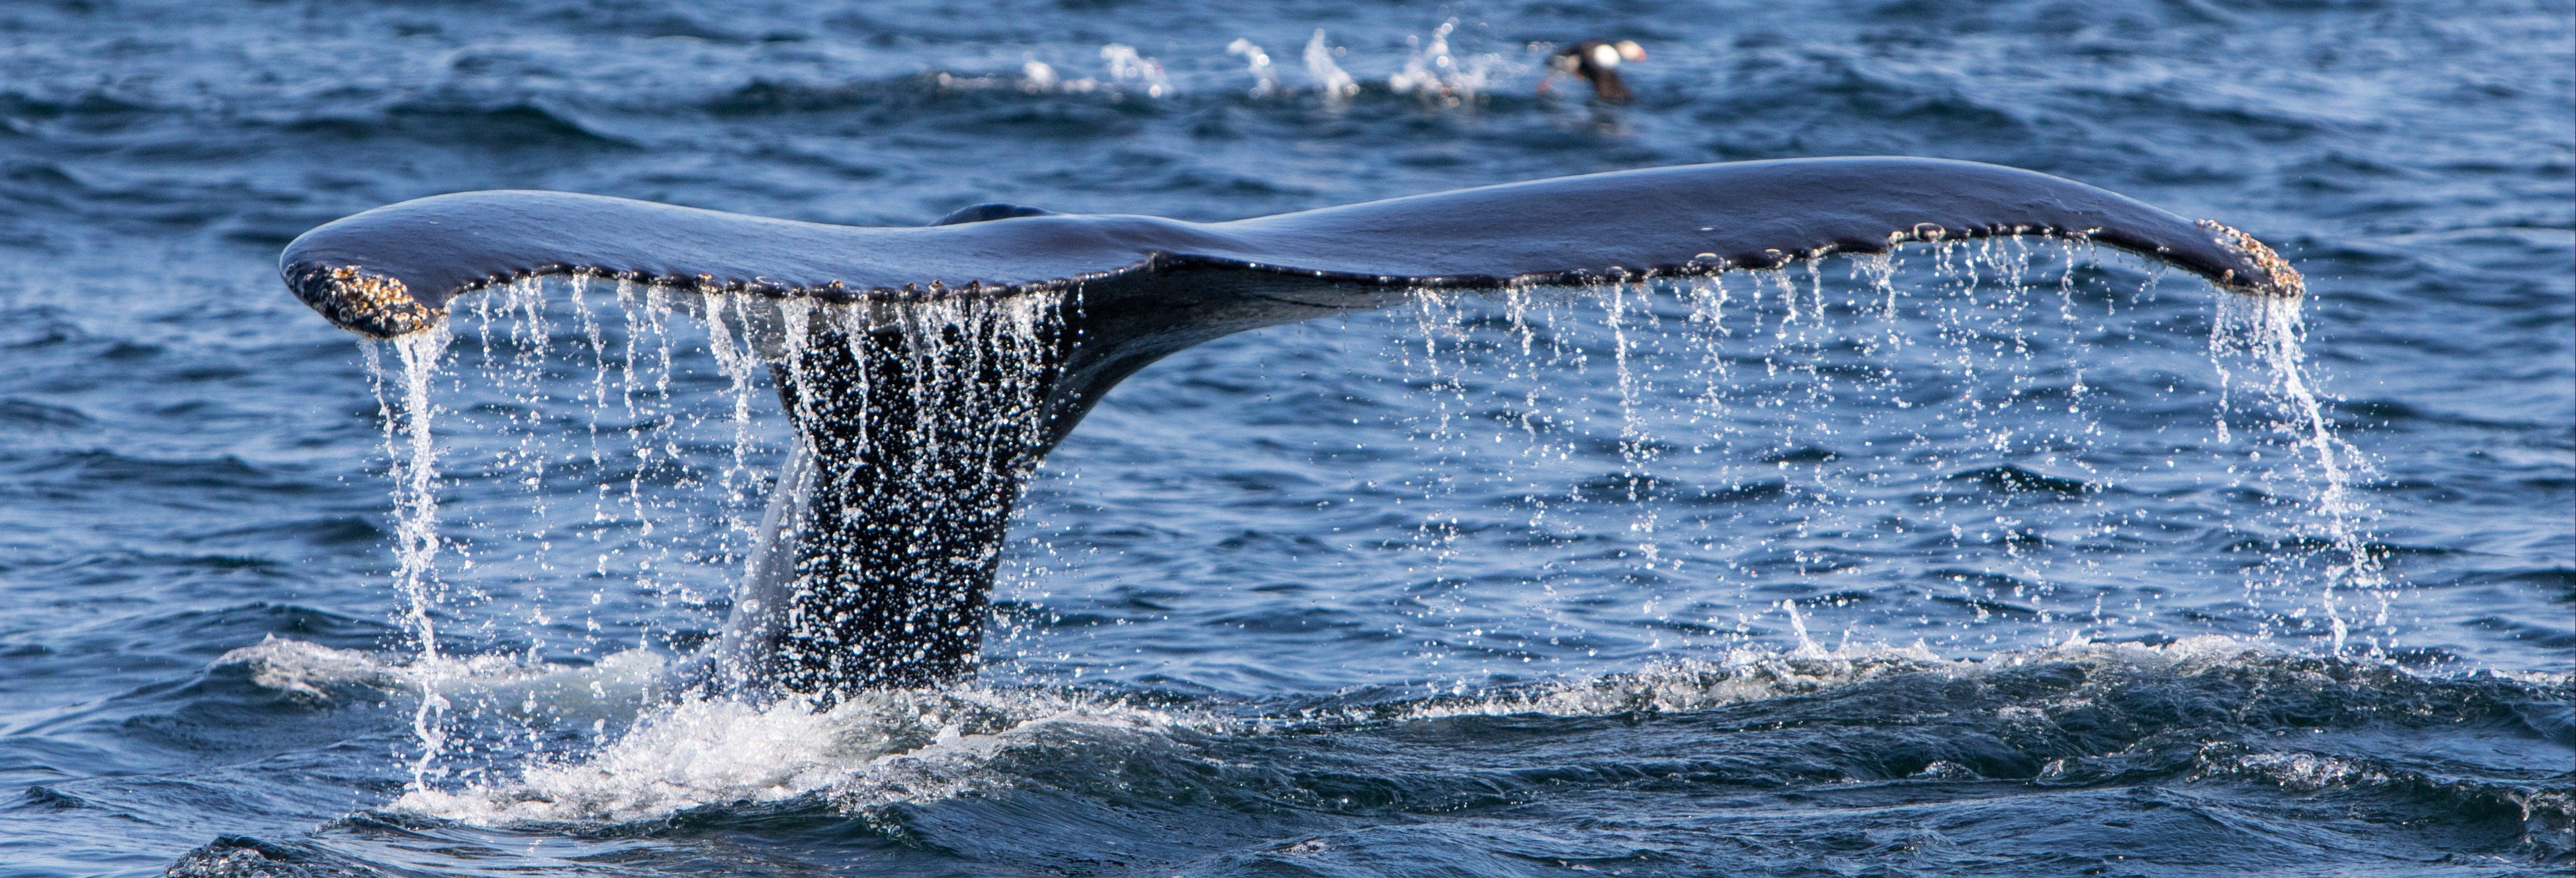 Avistamiento de ballenas en el estrecho de Magallanes